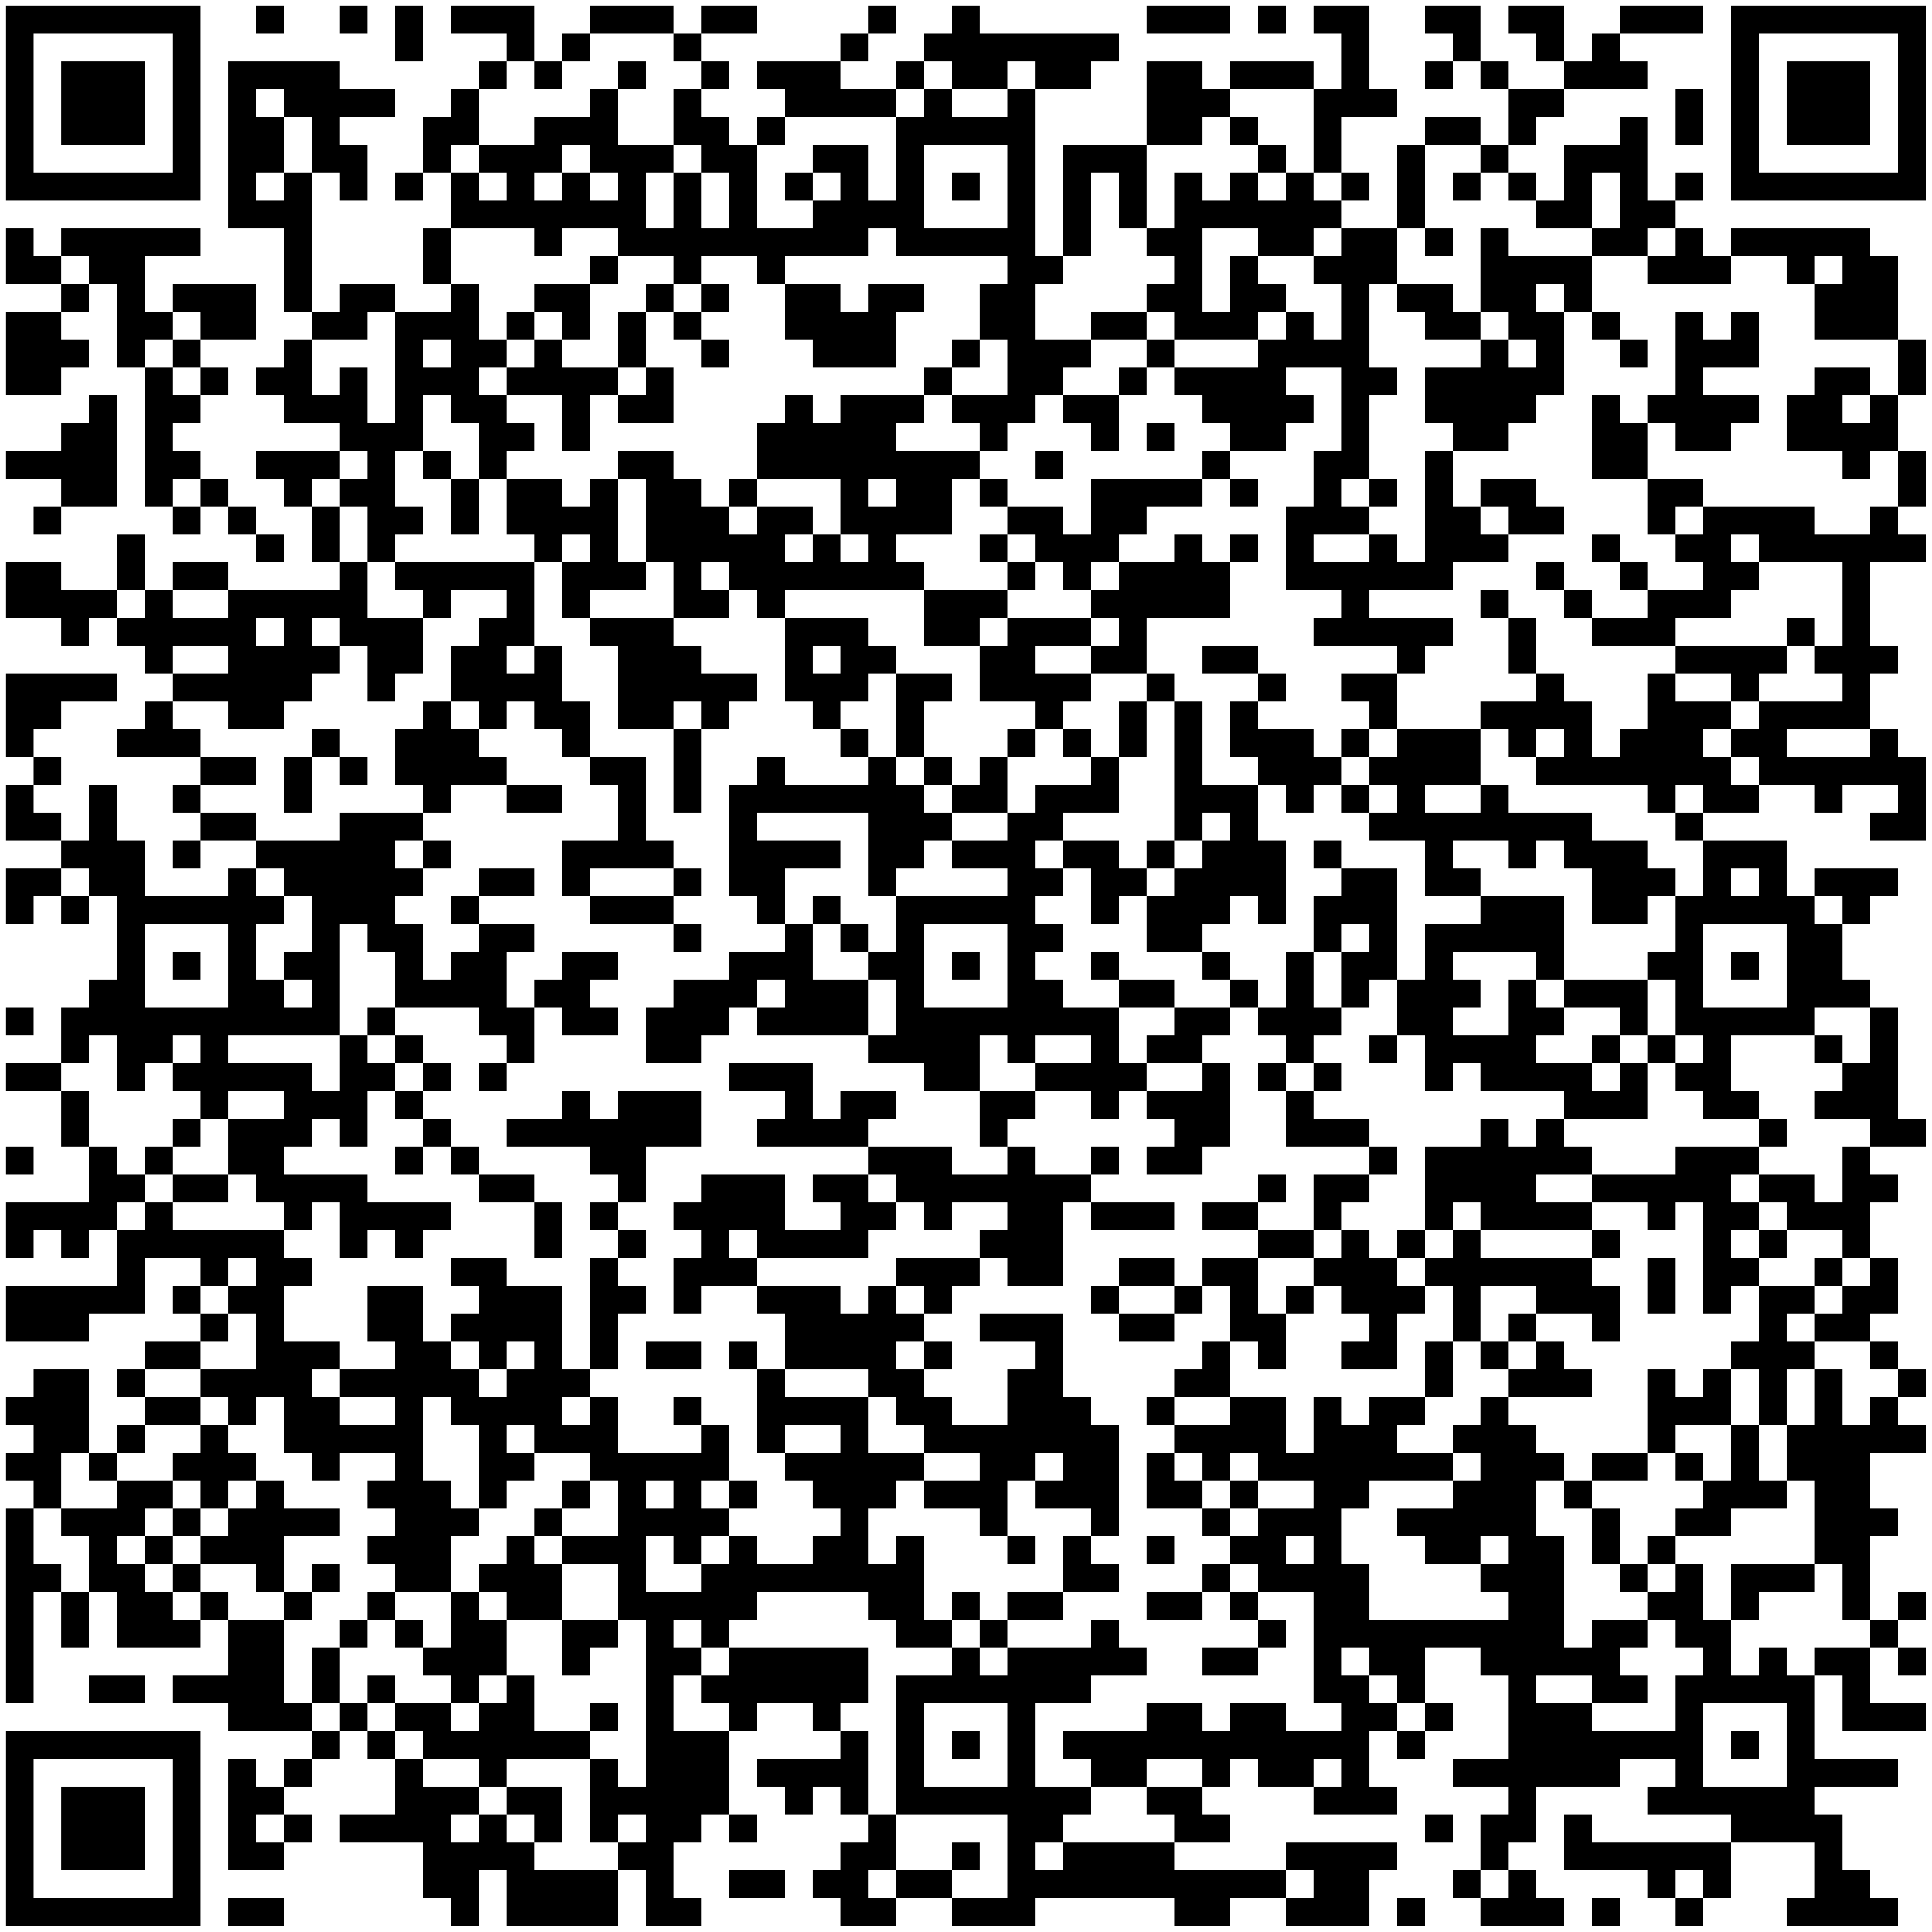 Studio Cerchiara QR Code